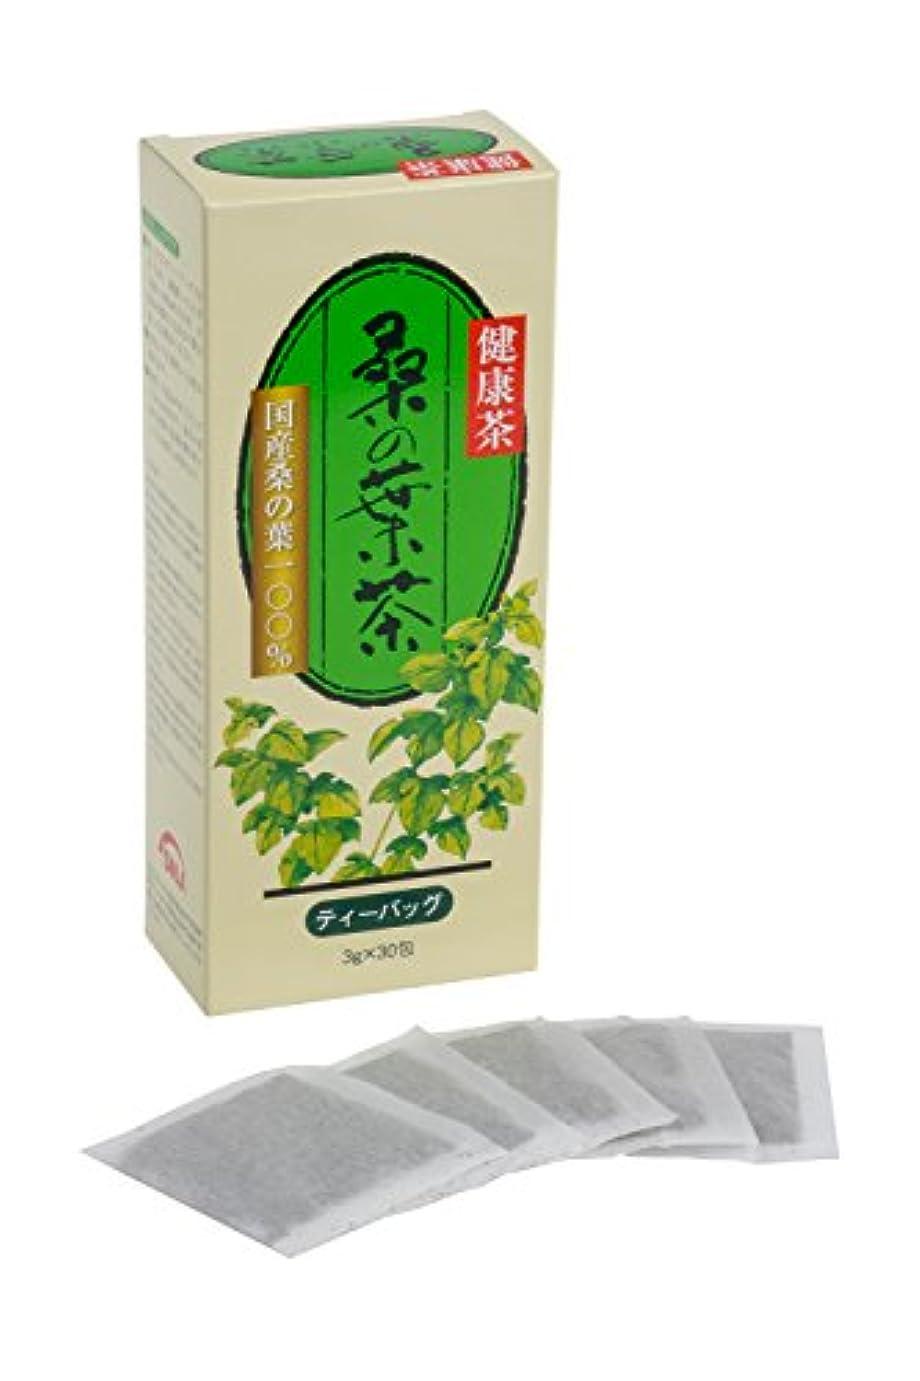 注文誘惑する防衛トヨタマ(TOYOTAMA) 国産桑の葉100% 農薬不使用 ノンカフェイン健康茶 桑の葉茶ハードボックス 30包 01096201